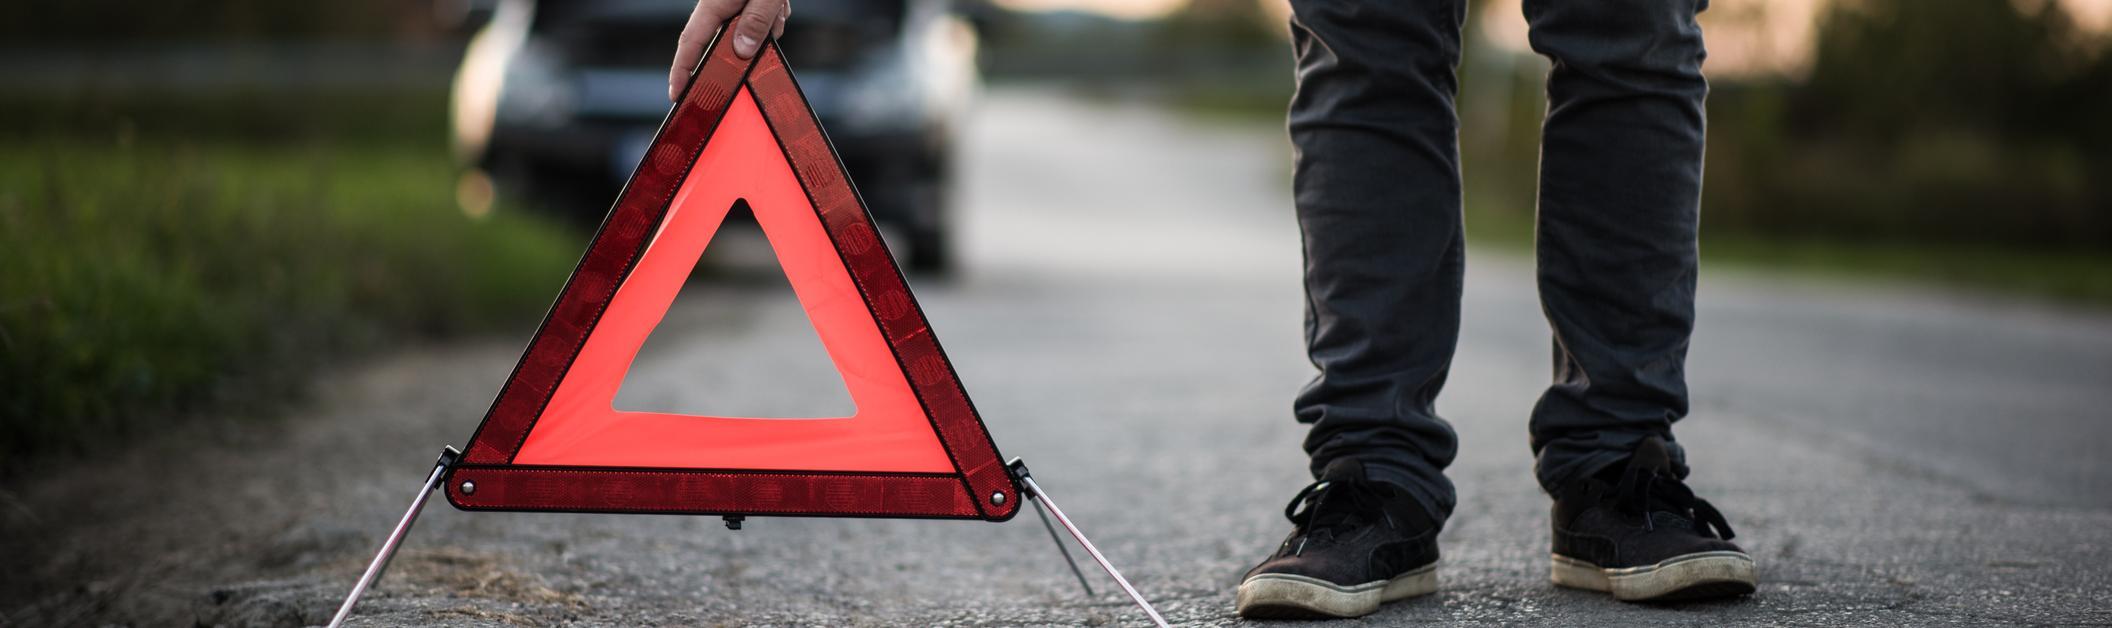 18 mesures sécurité routière : sauvons plus de vies sur les routes